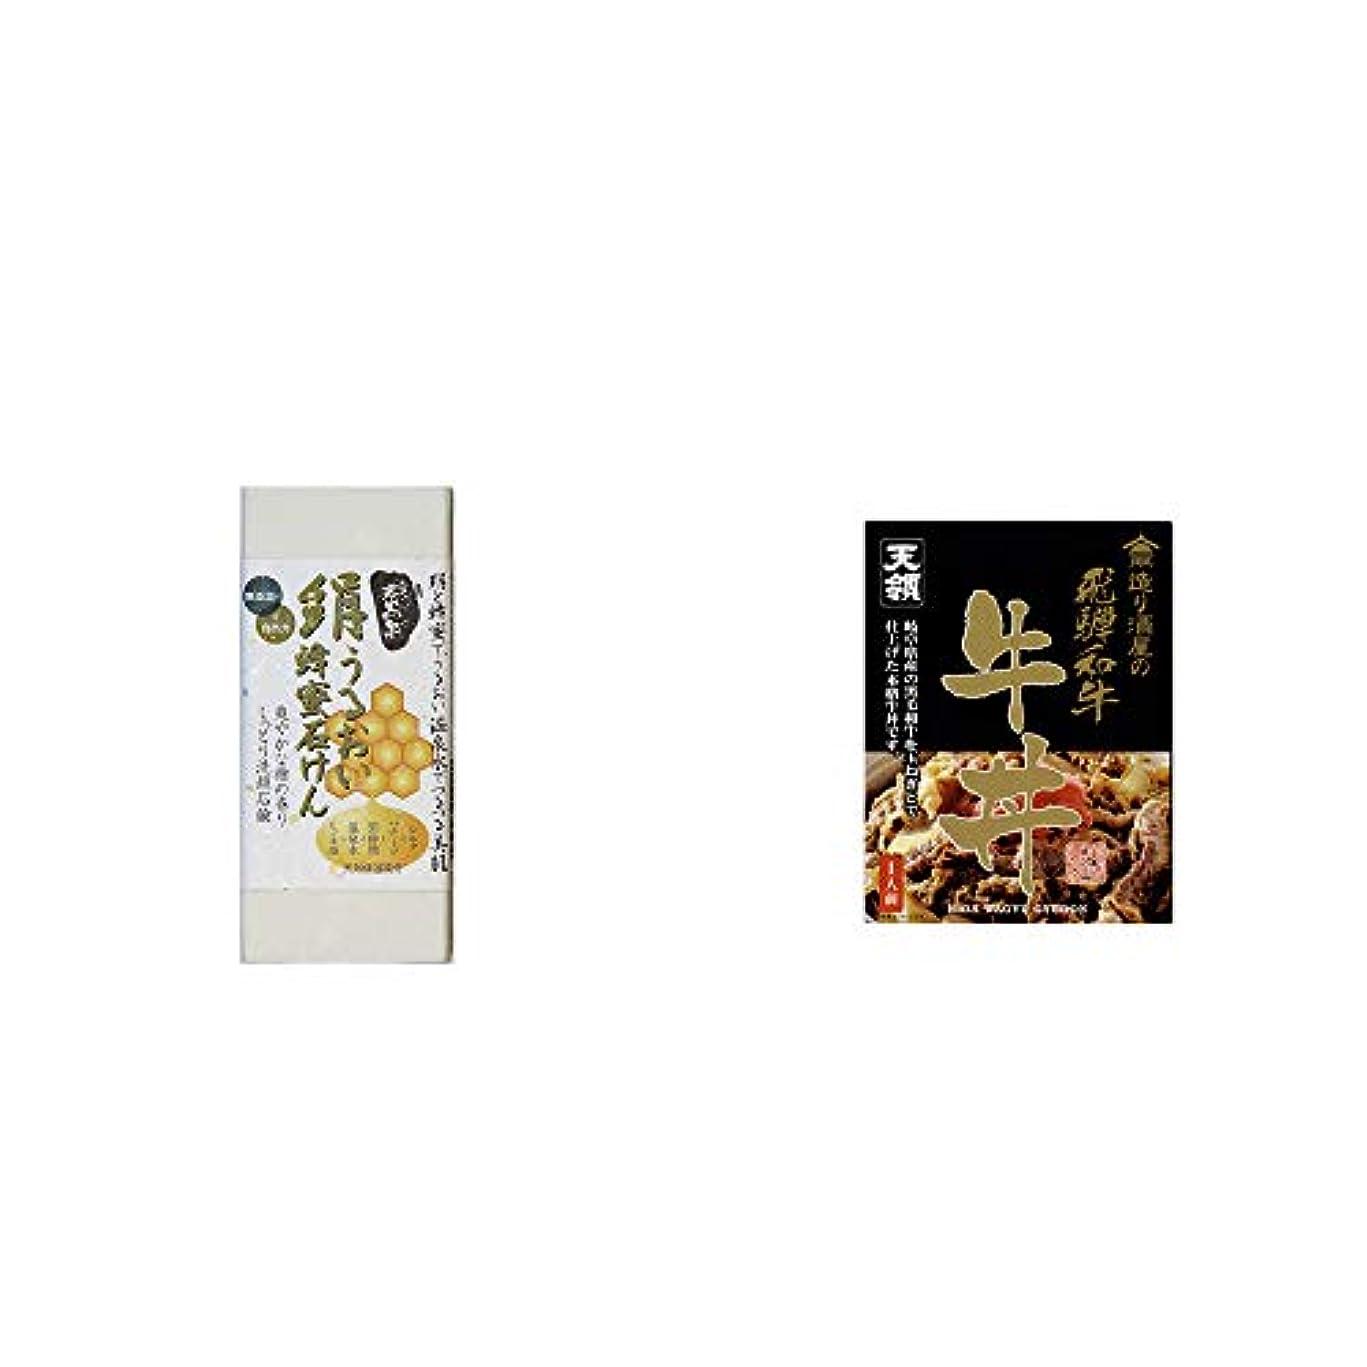 等しいタービン工業用[2点セット] ひのき炭黒泉 絹うるおい蜂蜜石けん(75g×2)?天領酒造 造り酒屋の飛騨和牛 牛丼(1人前)